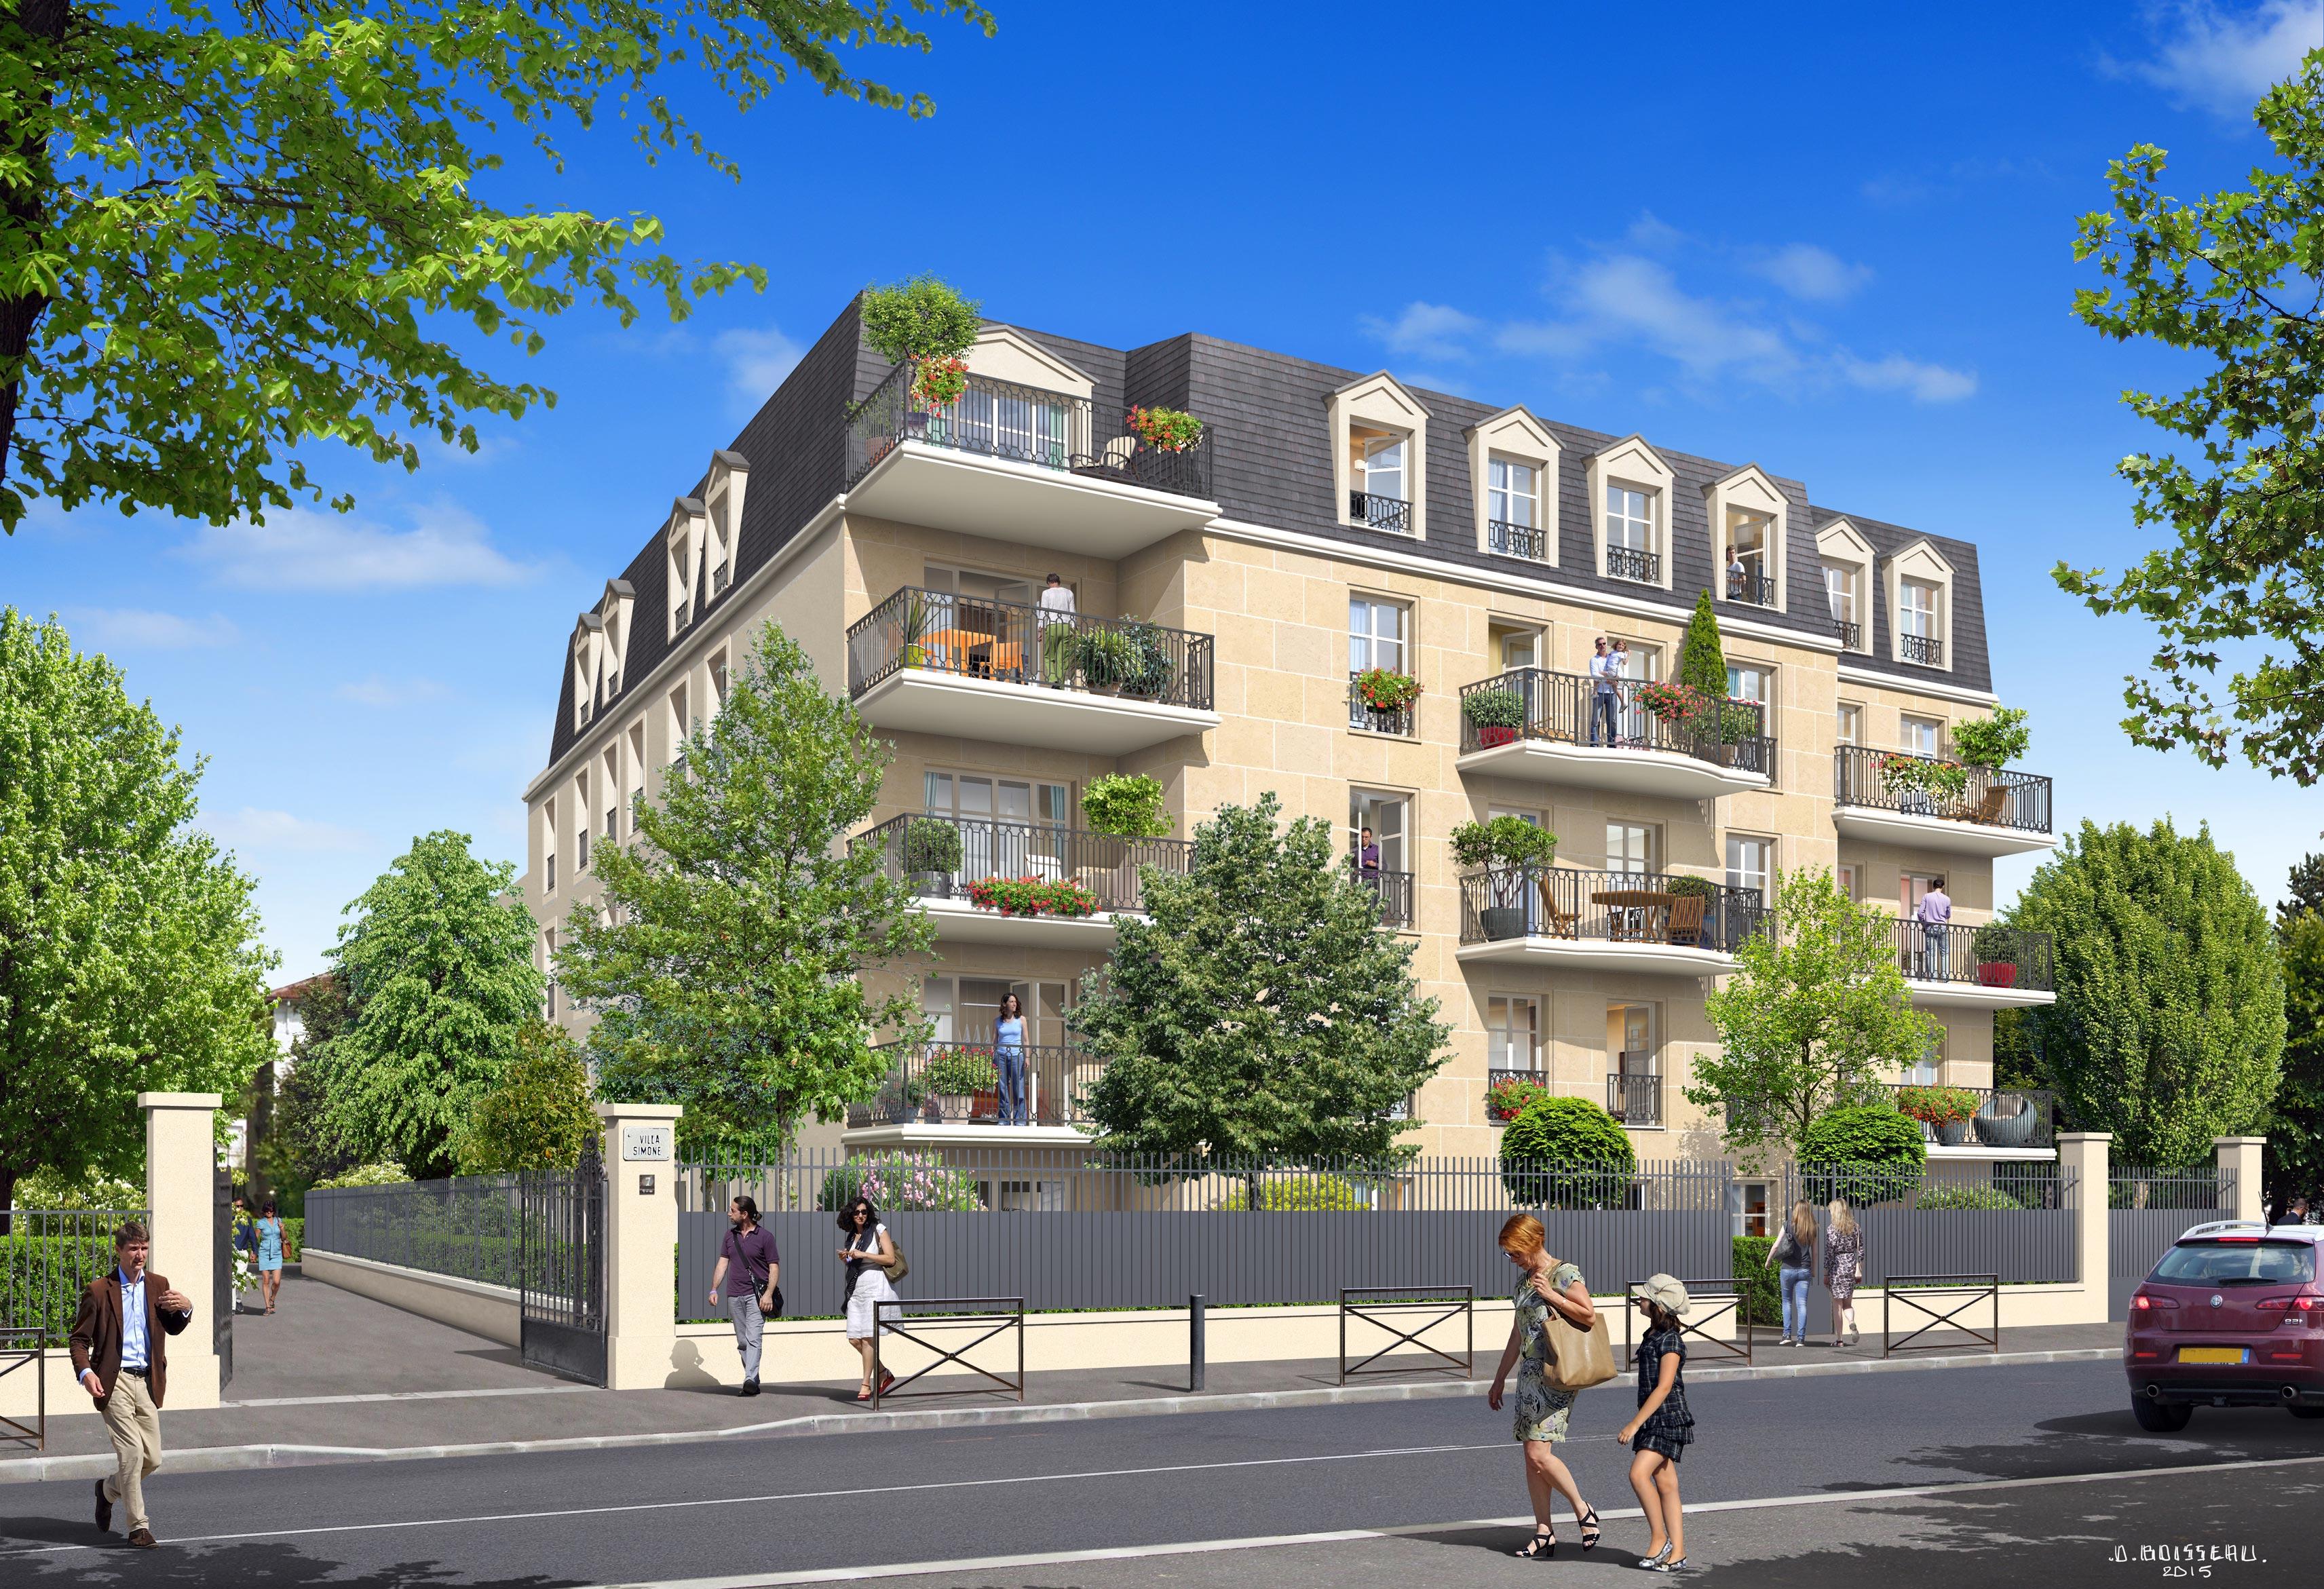 Maison Architecte Fontenay Sous Bois u2013 Maison Moderne # Casse Fontenay Sous Bois